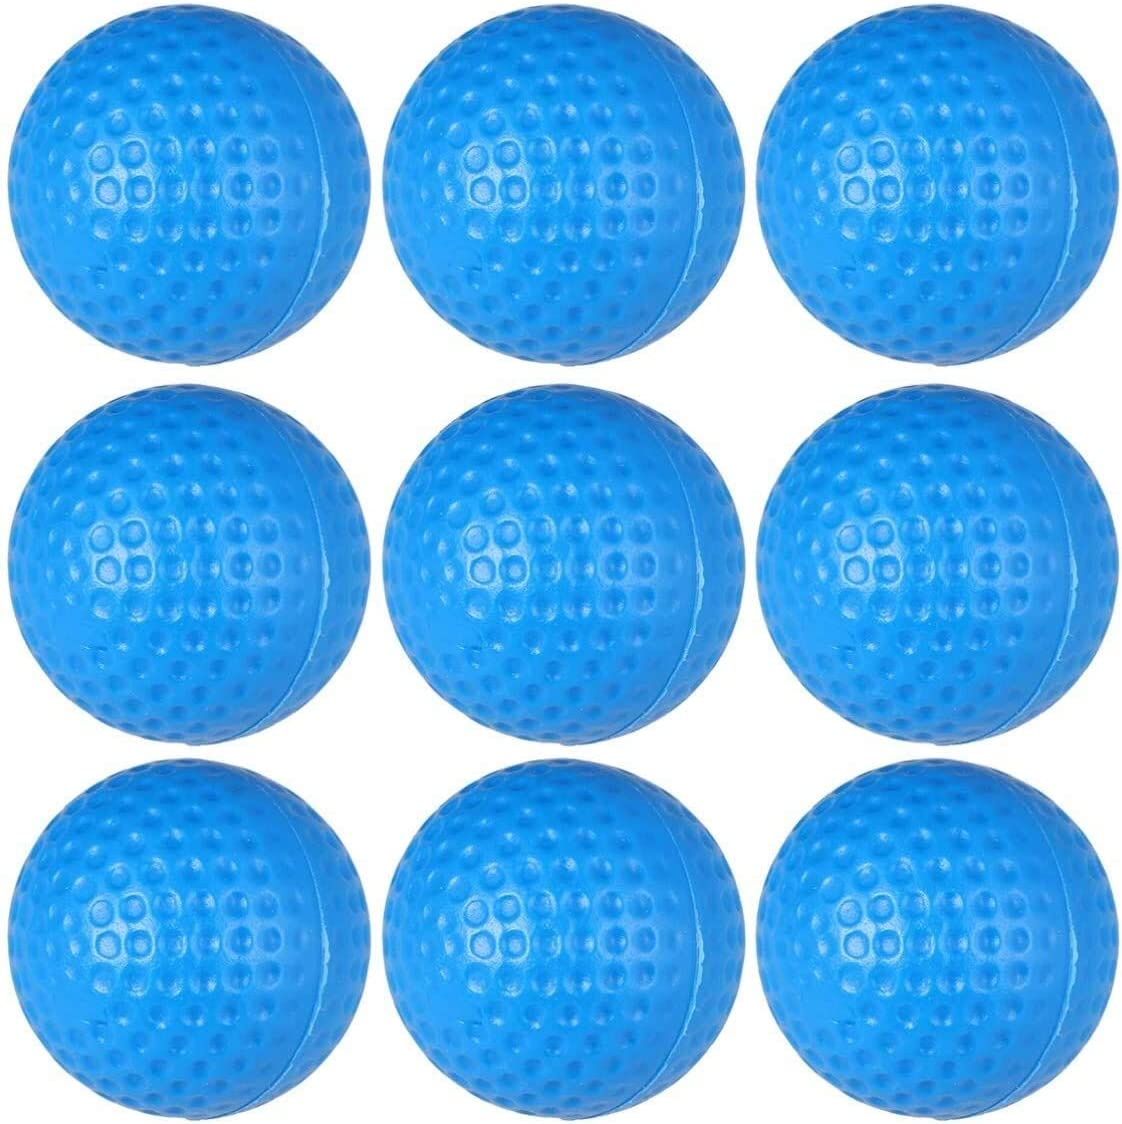 PAOPAOTANG Practice Max 54% OFF Balls Hollow Rare Golf 20pcs